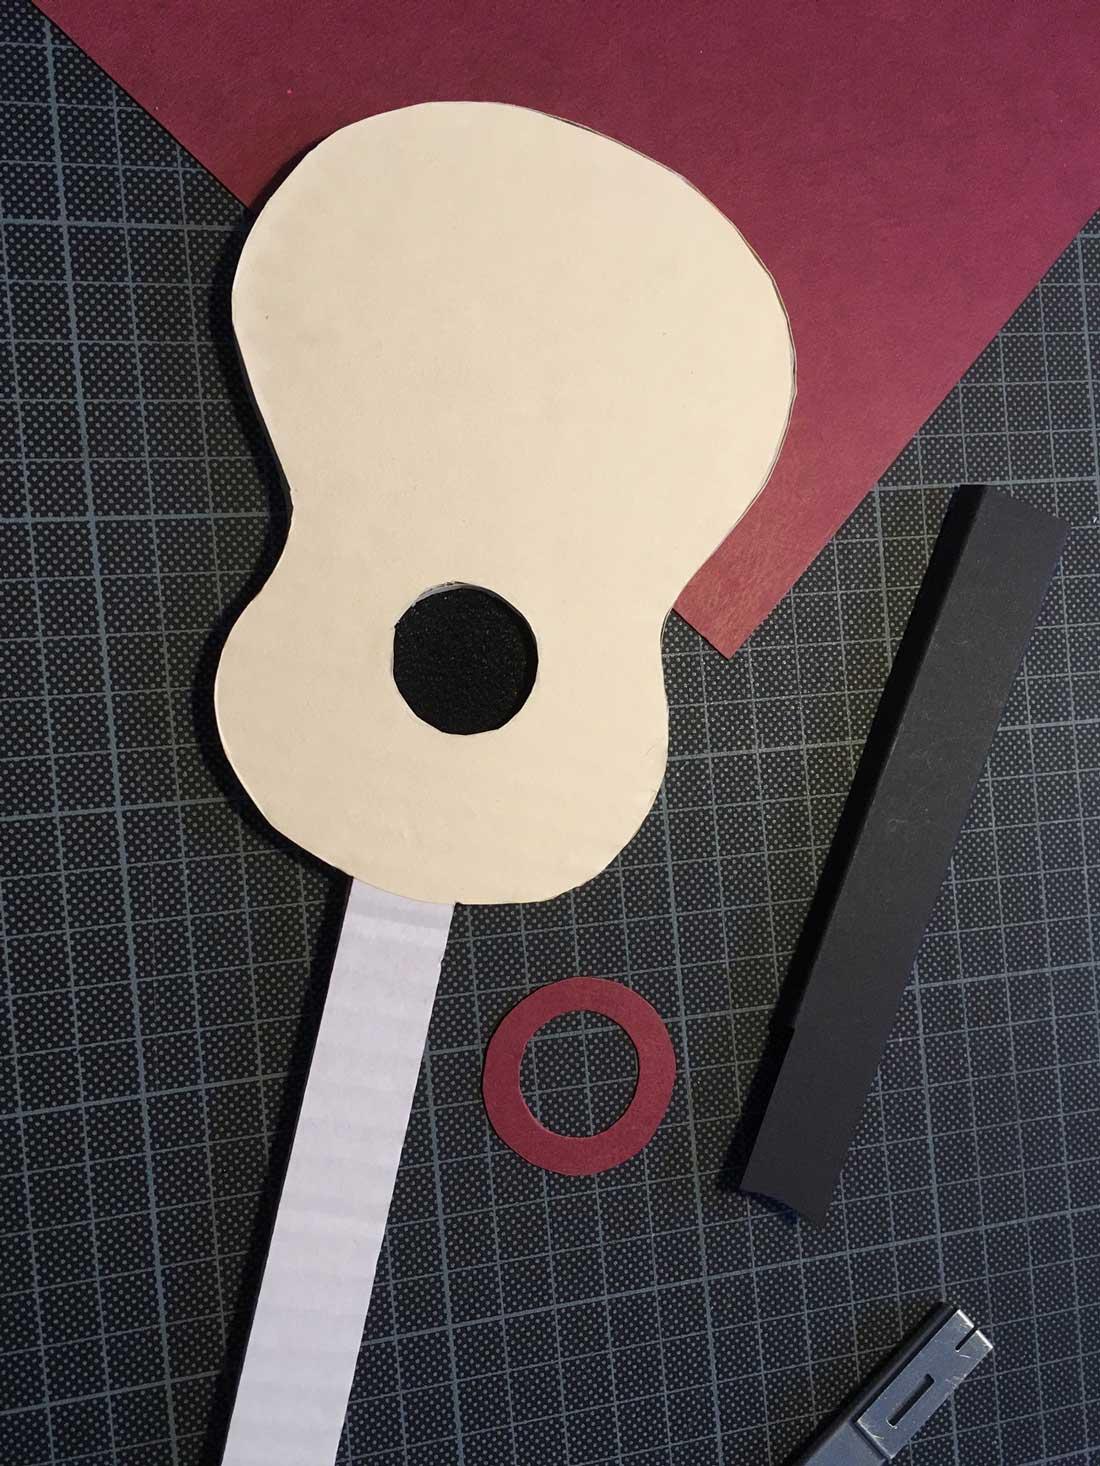 Gitarrenkörper bekleben